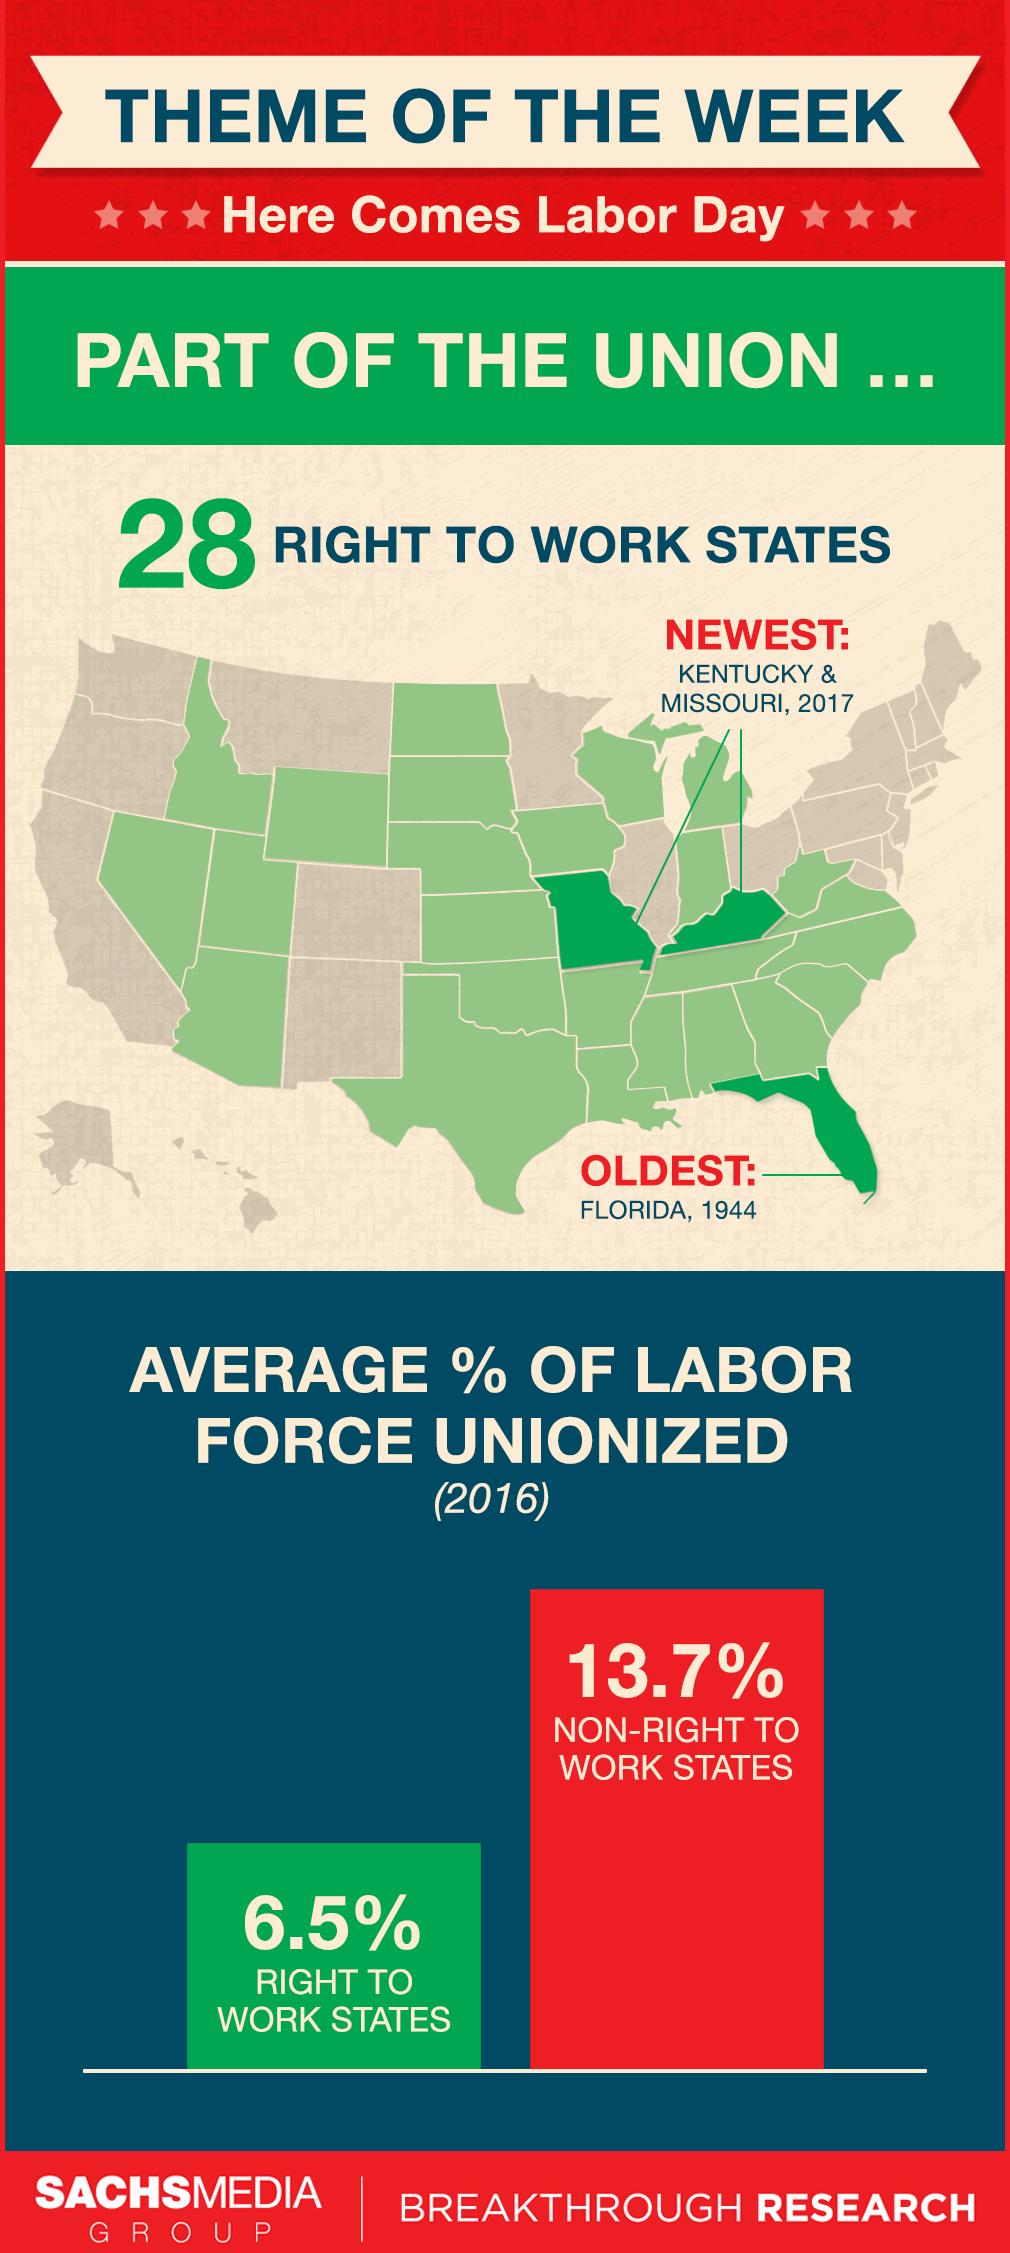 Right To Work States Map 2016.Right To Work States 8 31 17 Florida Politics Campaigns